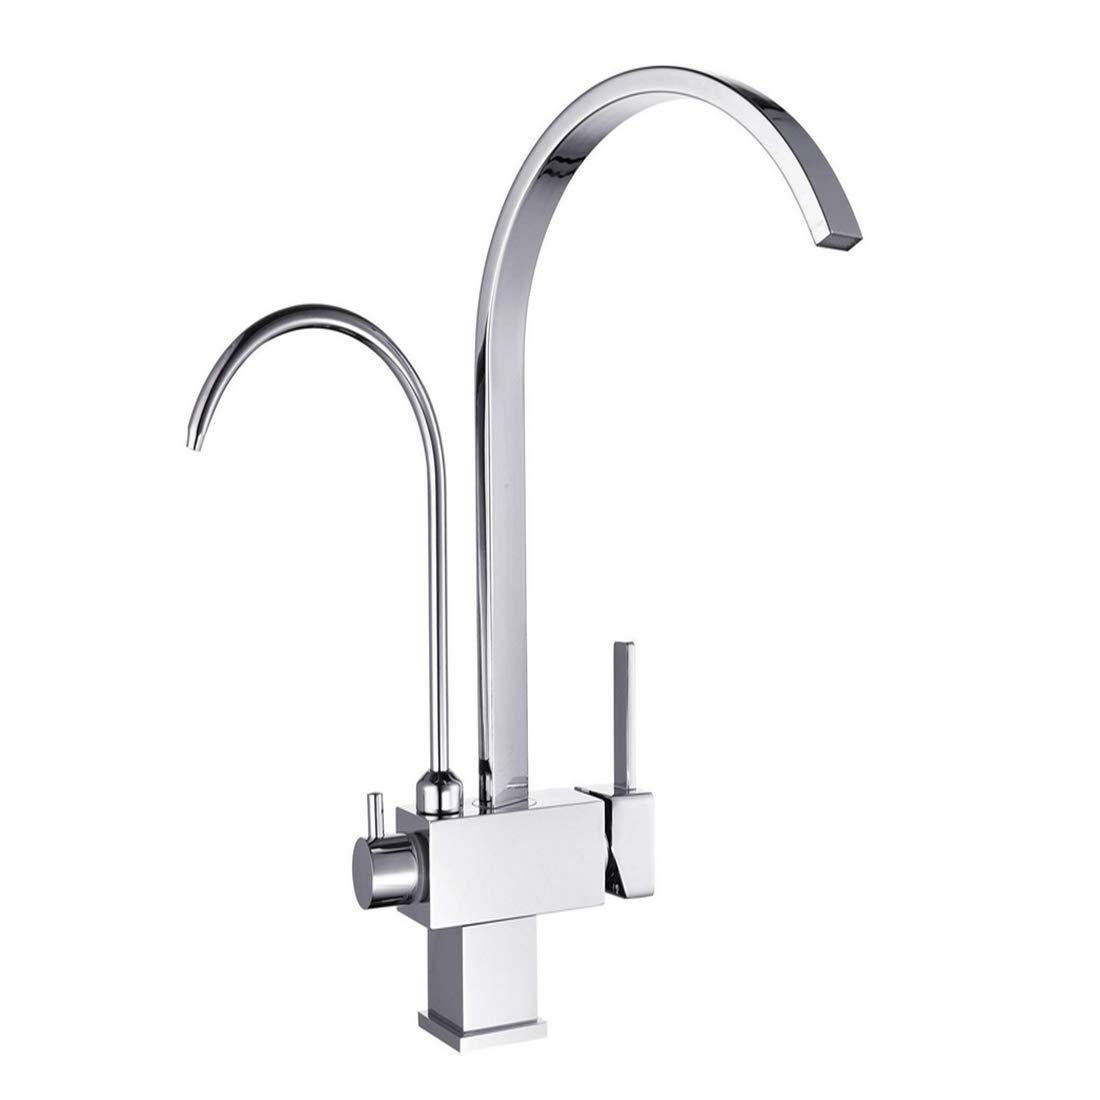 Wasserhahn Küchenarmatur Filterhahn 3-Wege-Tri-Flow-Wasser-Spülbecken-Mischbatterie Chrom Pfefferminz